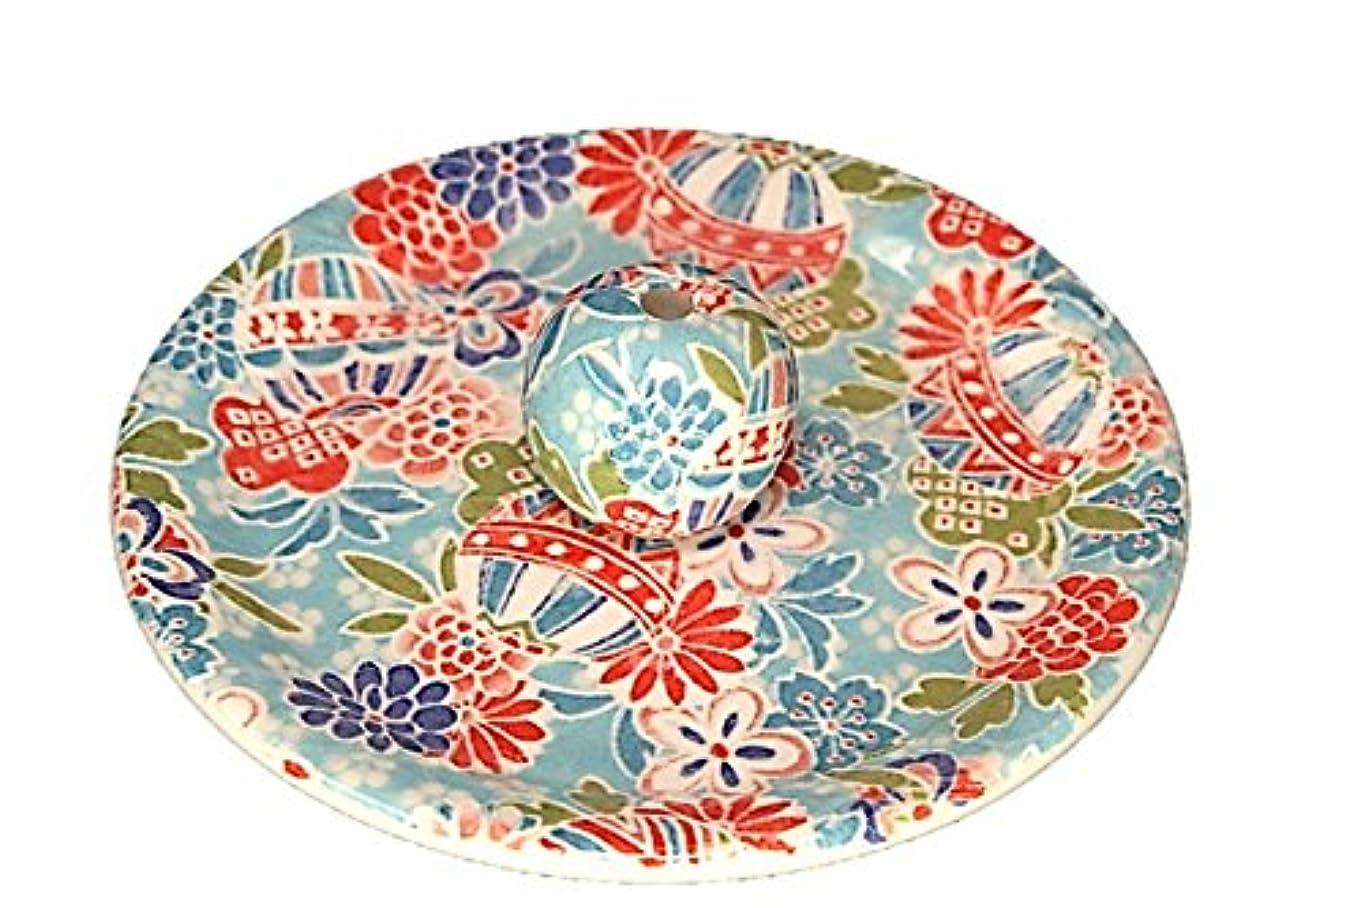 モンクフィラデルフィア愚か9-52 京雅 青 お香立て 9cm香皿 お香たて 陶器 日本製 製造?直売品